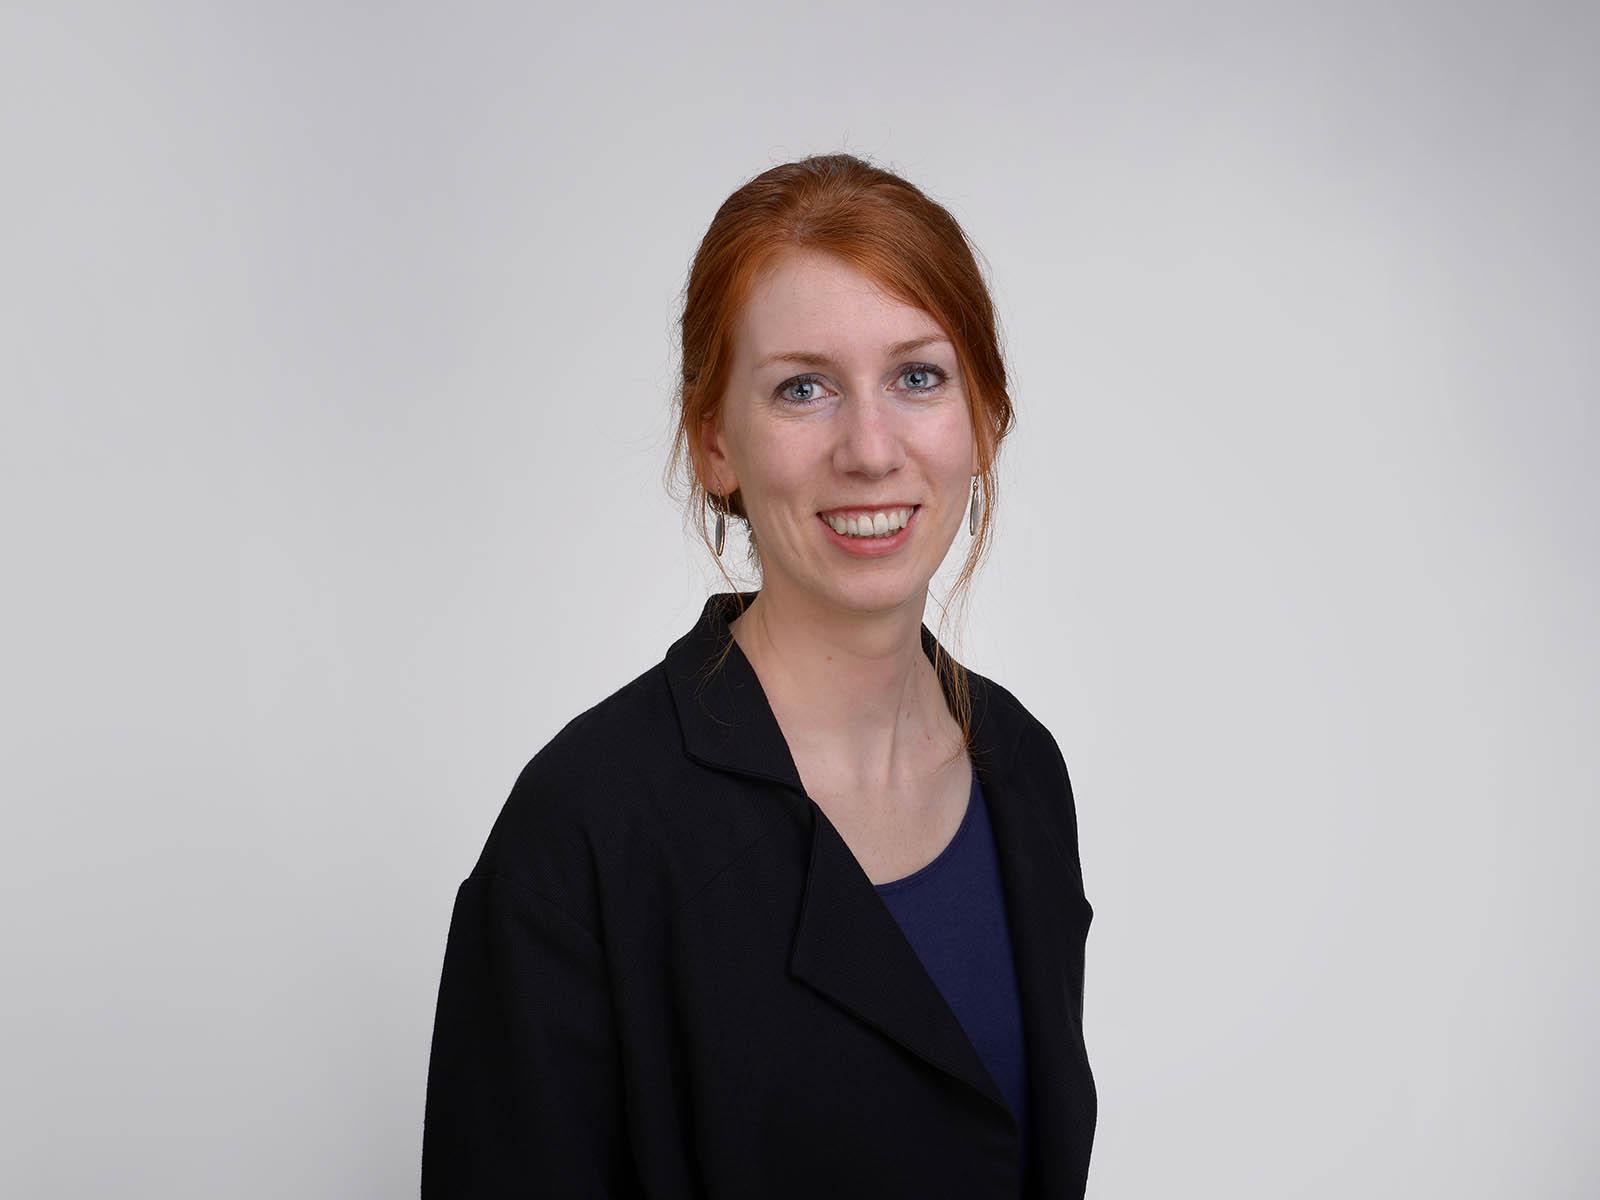 Zoe Stadler engagiert sich an mehreren Fronten für den Klimaschutz. Sie ist Präsidentin des Vereins Klimastadt Zürich sowie Teil der Kerngruppe von «Klimaspuren». Beruflich ist sie als Ingenieurin an der OST Ostschweizer Fachhochschule im Bereich Power-to-Gas tätig.